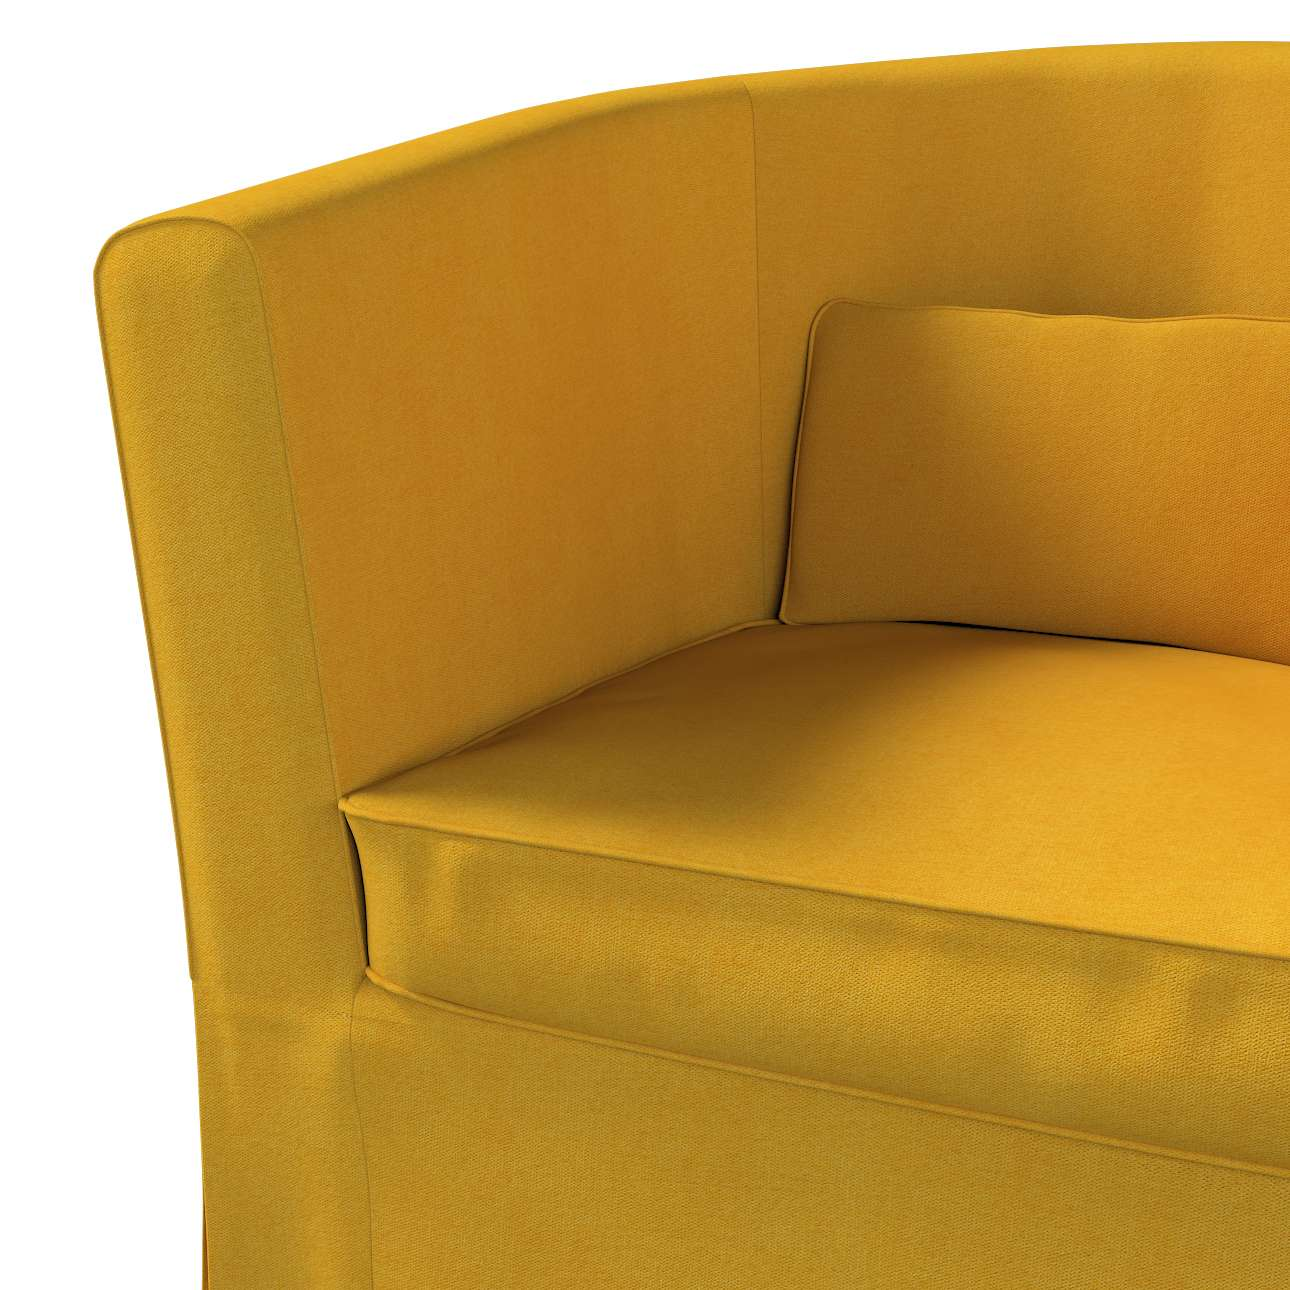 Pokrowiec na fotel Ektorp Tullsta w kolekcji Etna, tkanina: 705-04